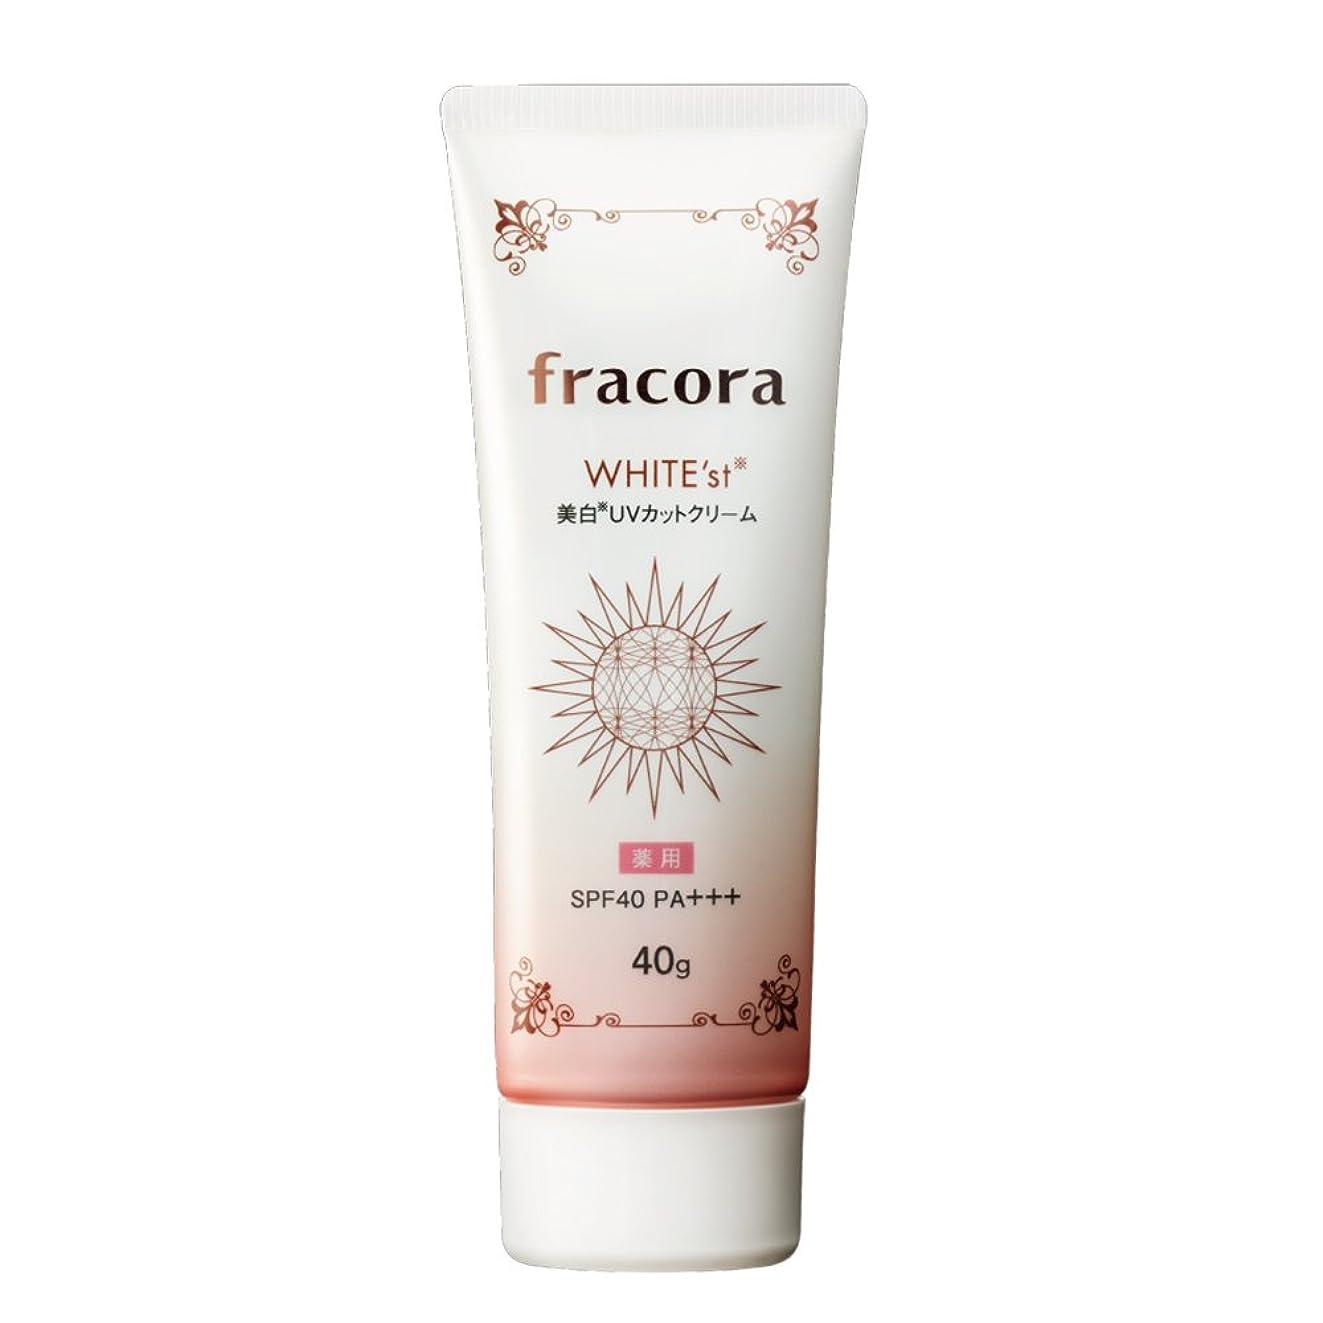 面倒割れ目塩辛いfracora(フラコラ) ホワイテスト 美白UVカットクリーム 40g